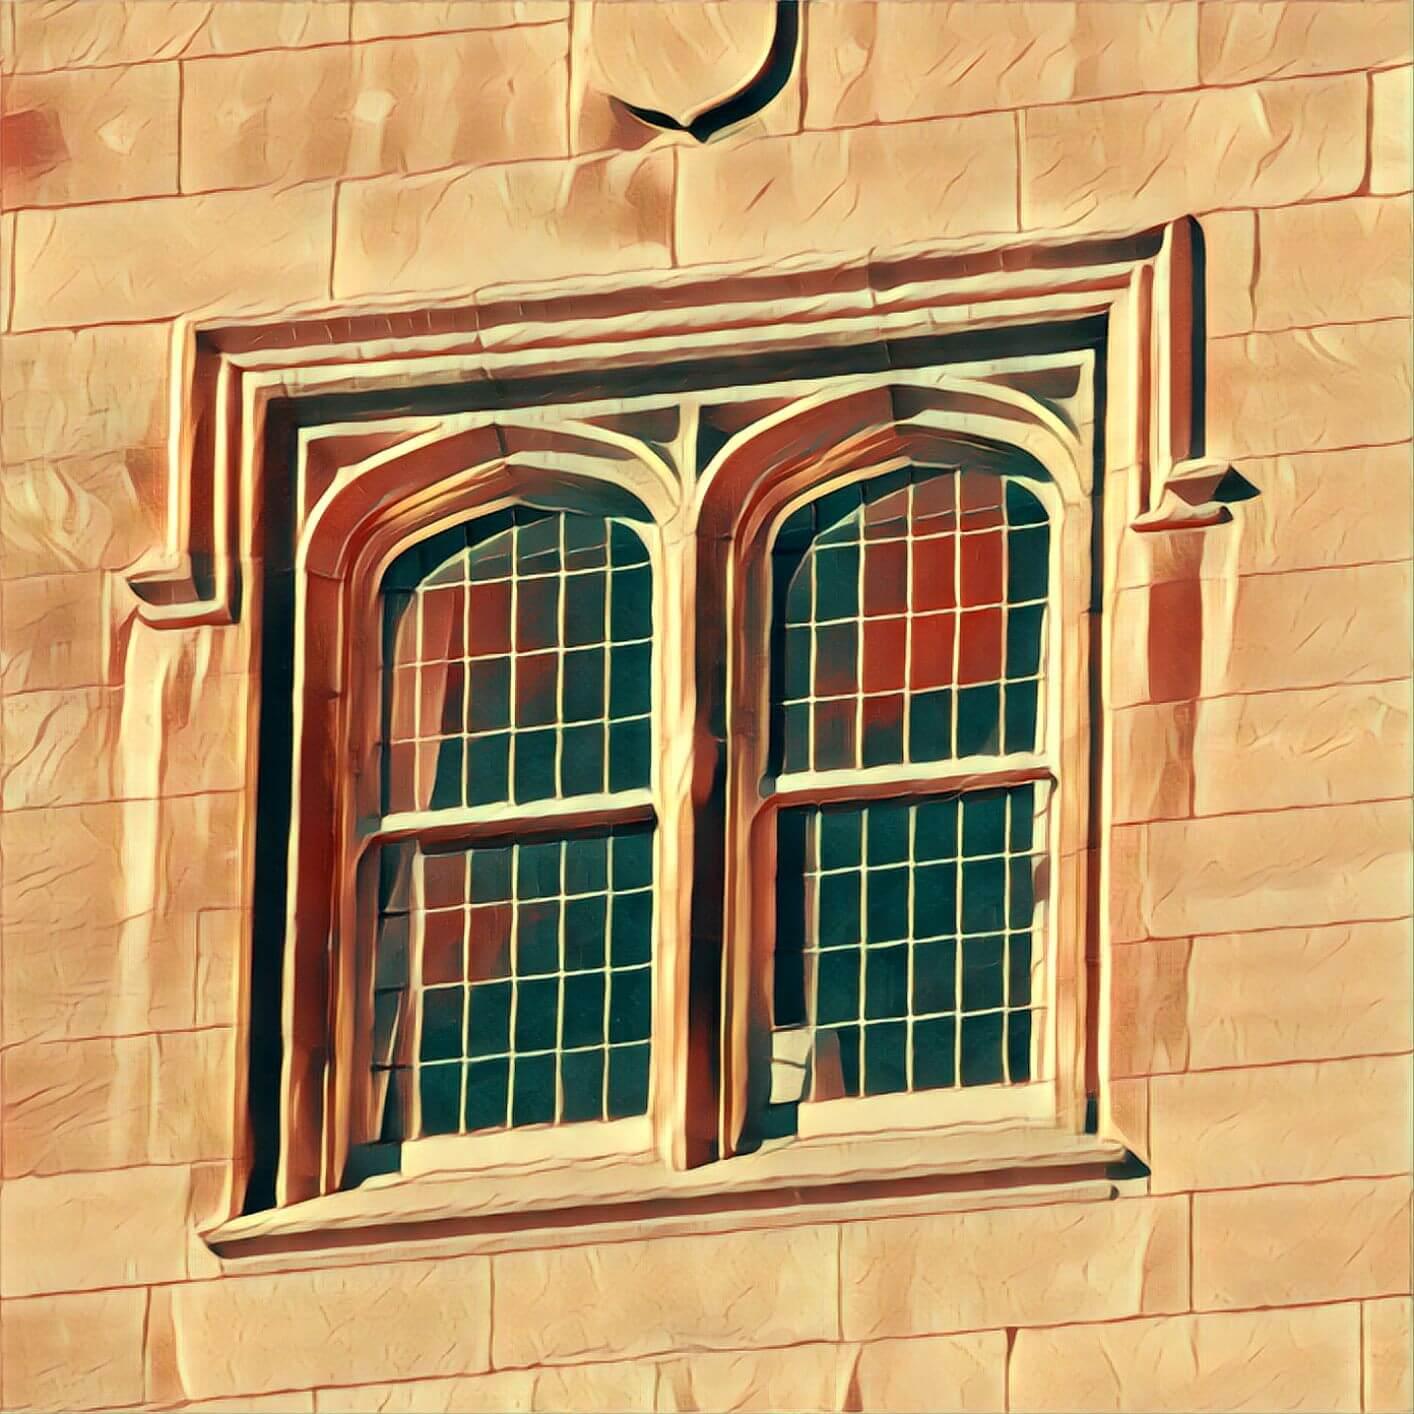 Fenster - Traum-Deutung